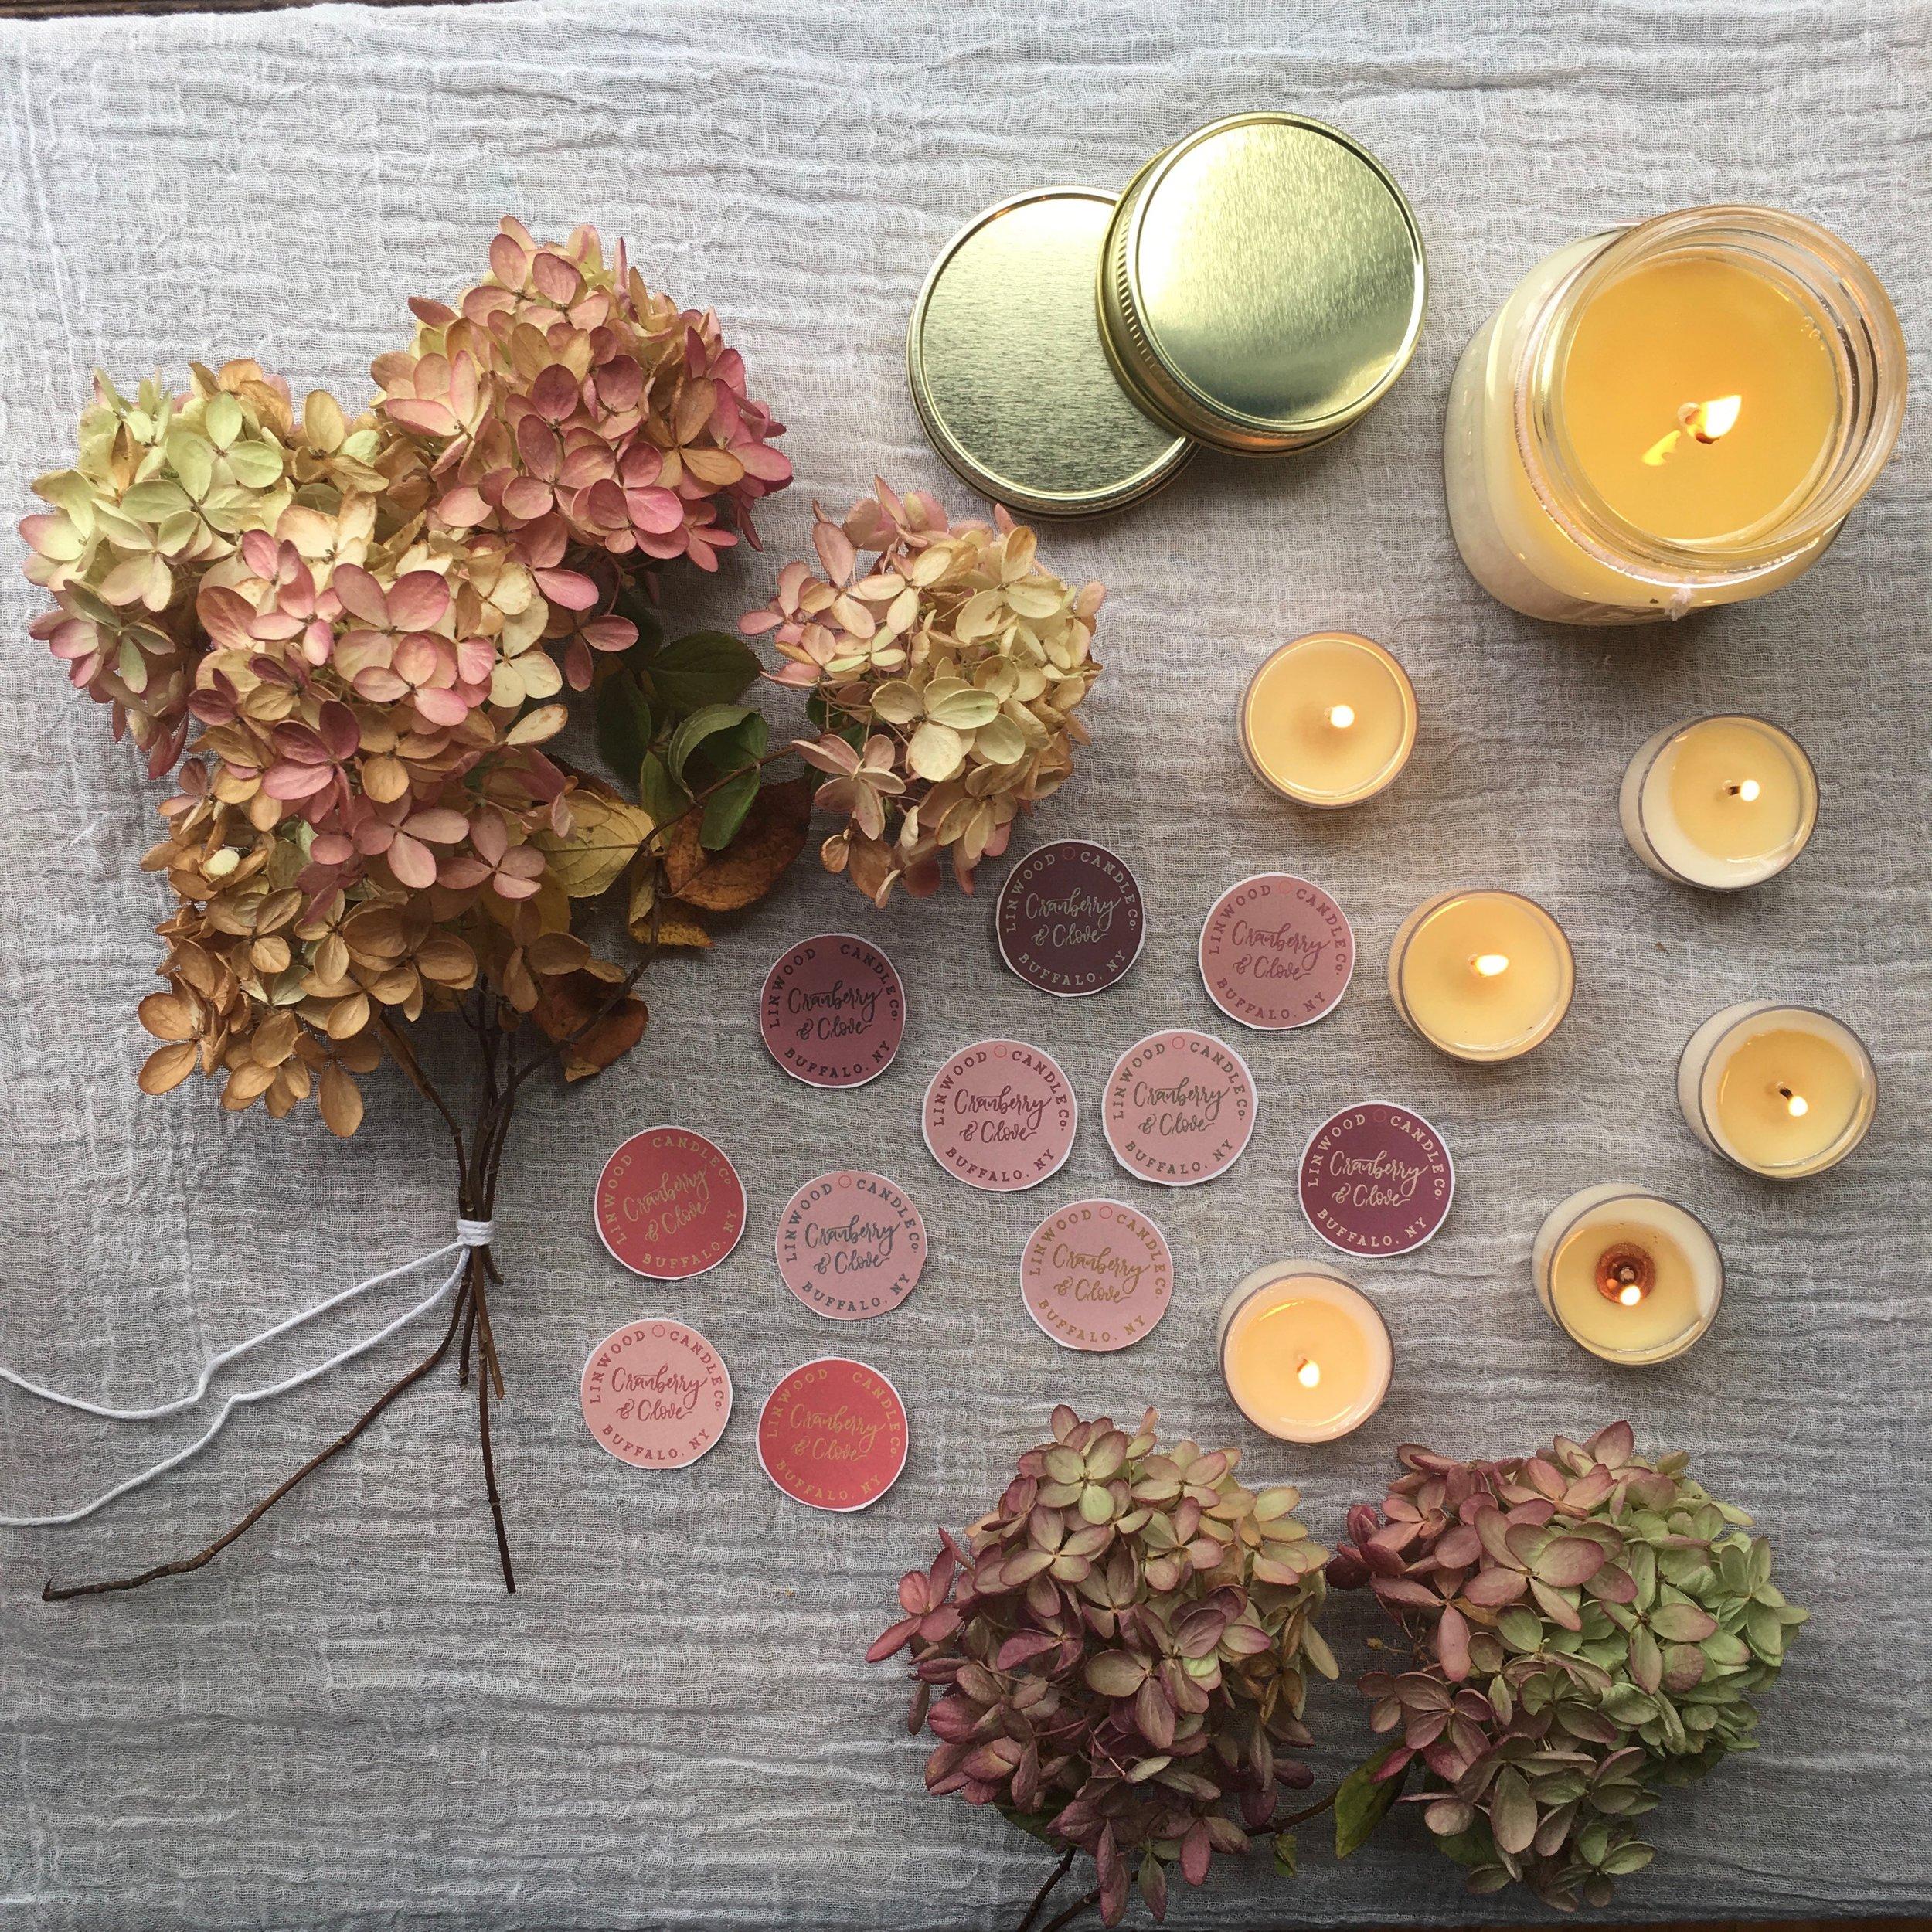 Soft blush, muted tones, botanical elements...